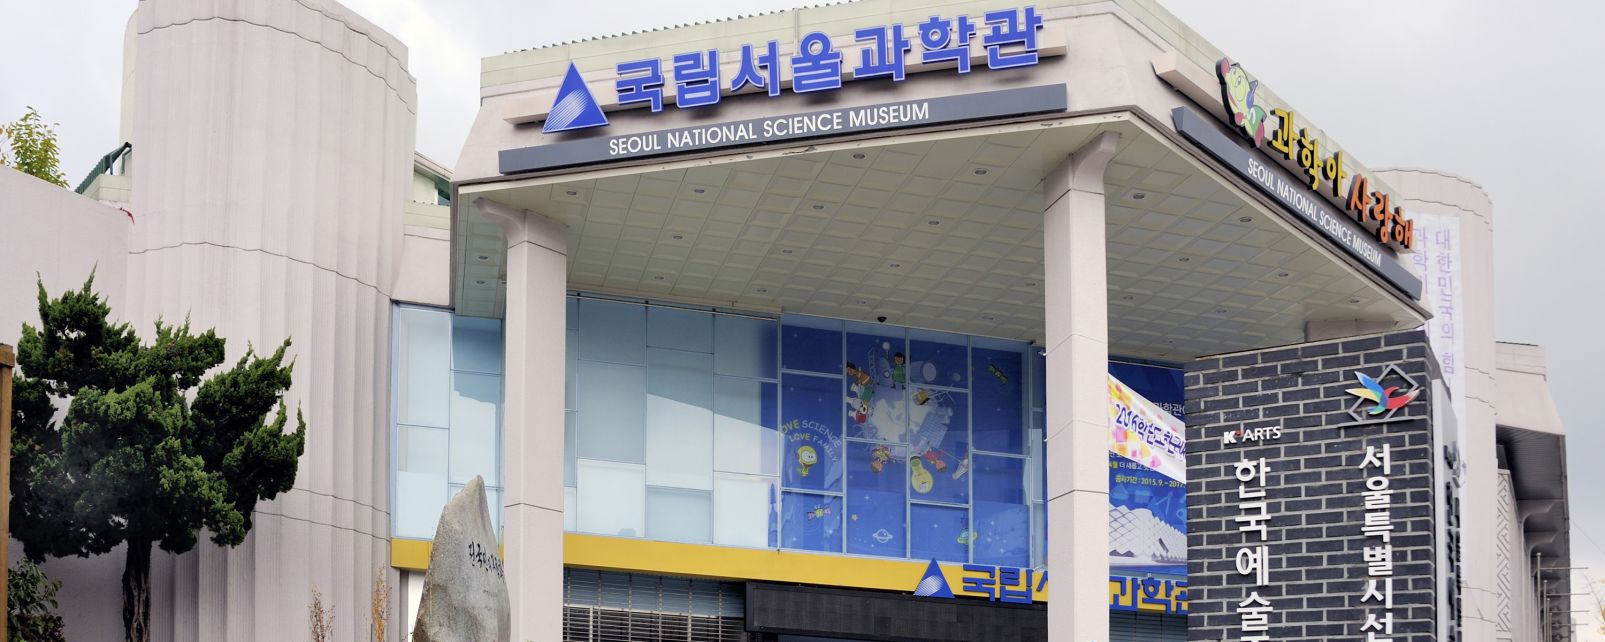 Le musée national des sciences de Séoul, Le musée de Science de Séoul, Les musées, Corée du Sud